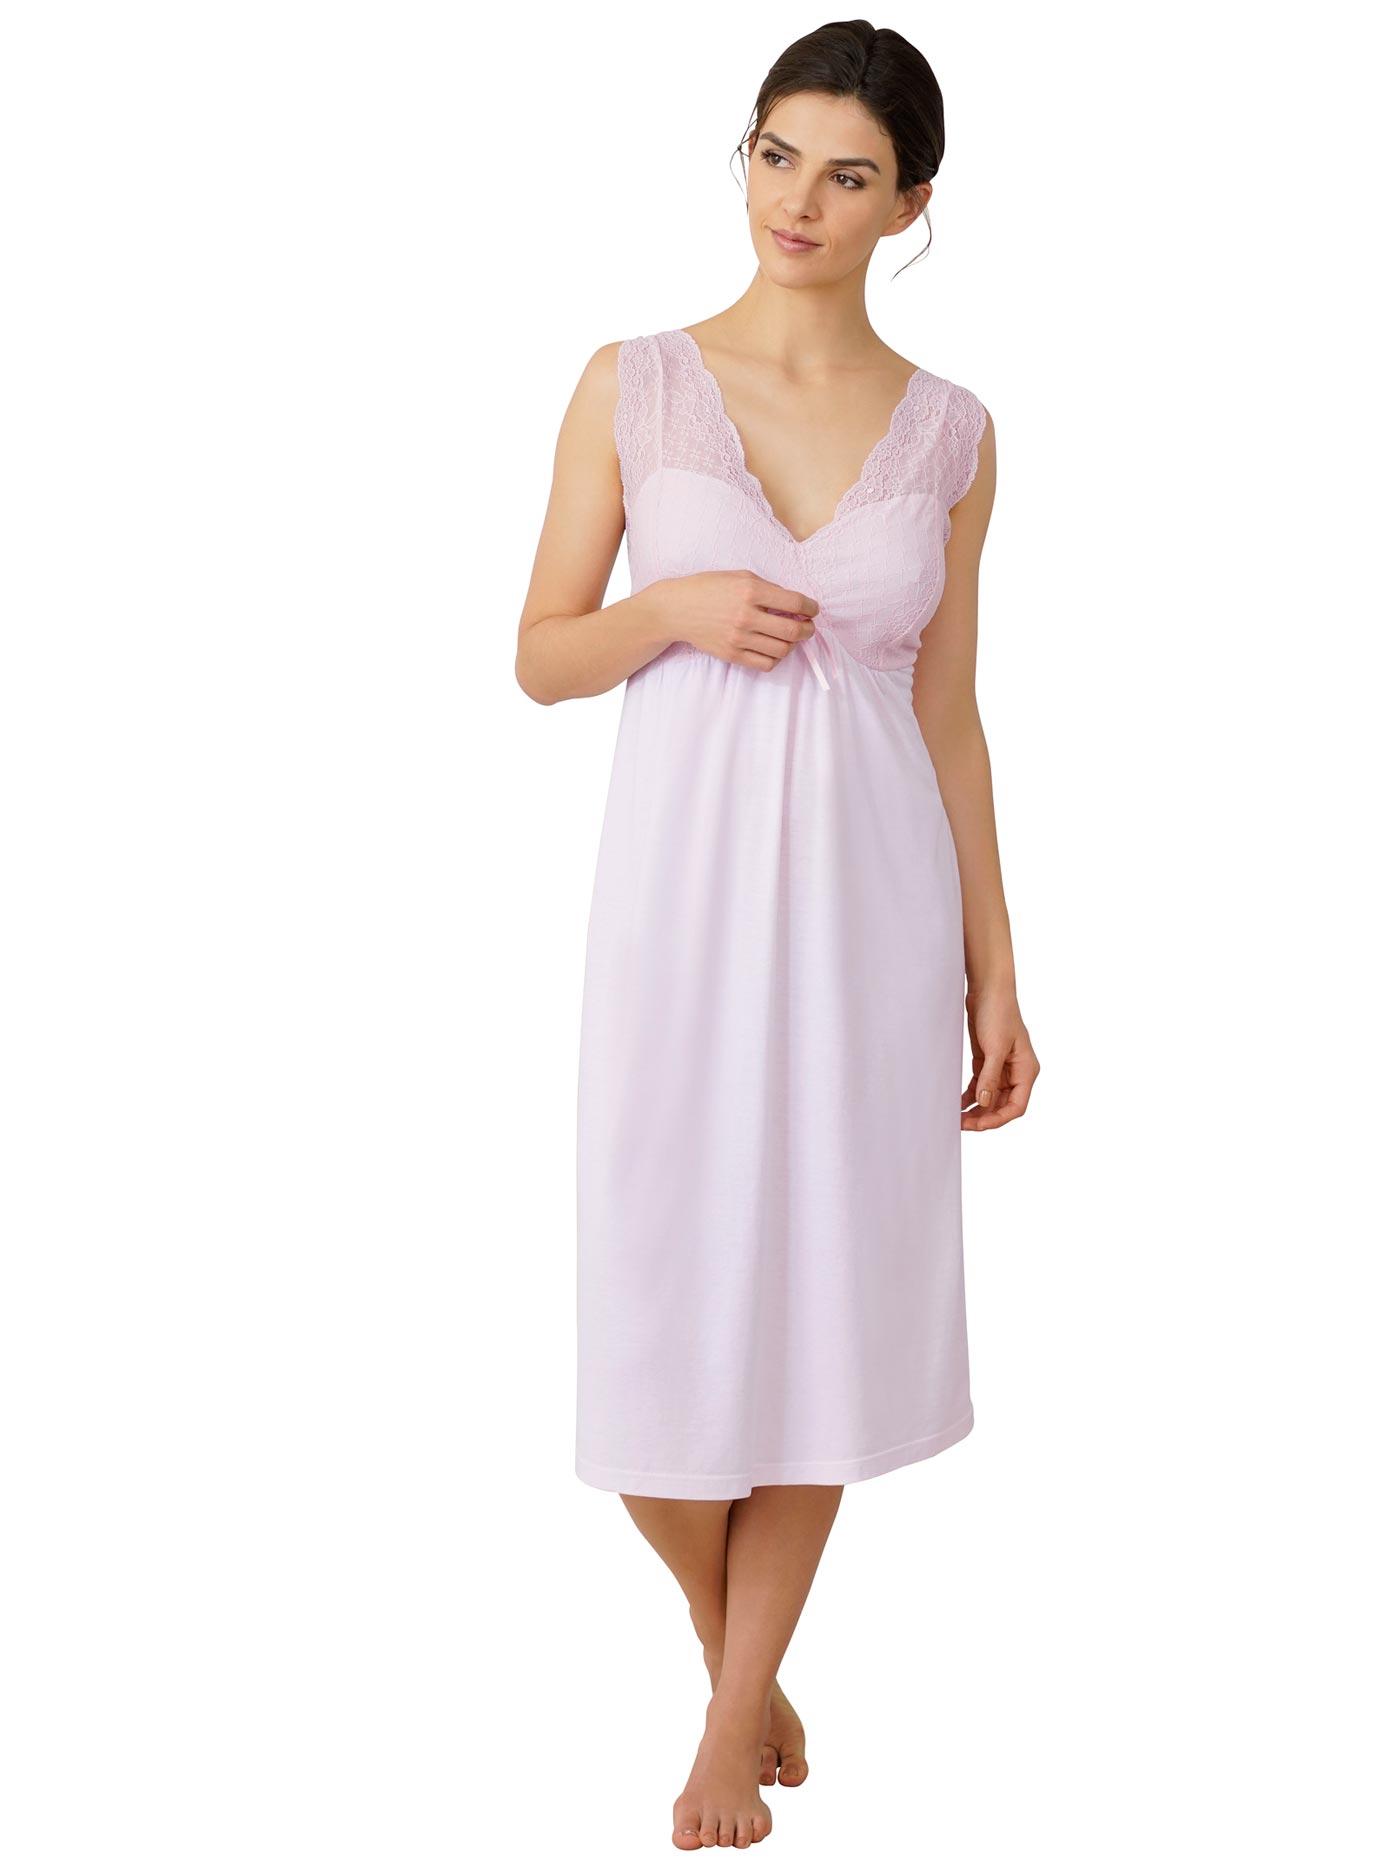 e5c3ac11450600 Sleepshirts für Damen online kaufen | Damenmode-Suchmaschine ...